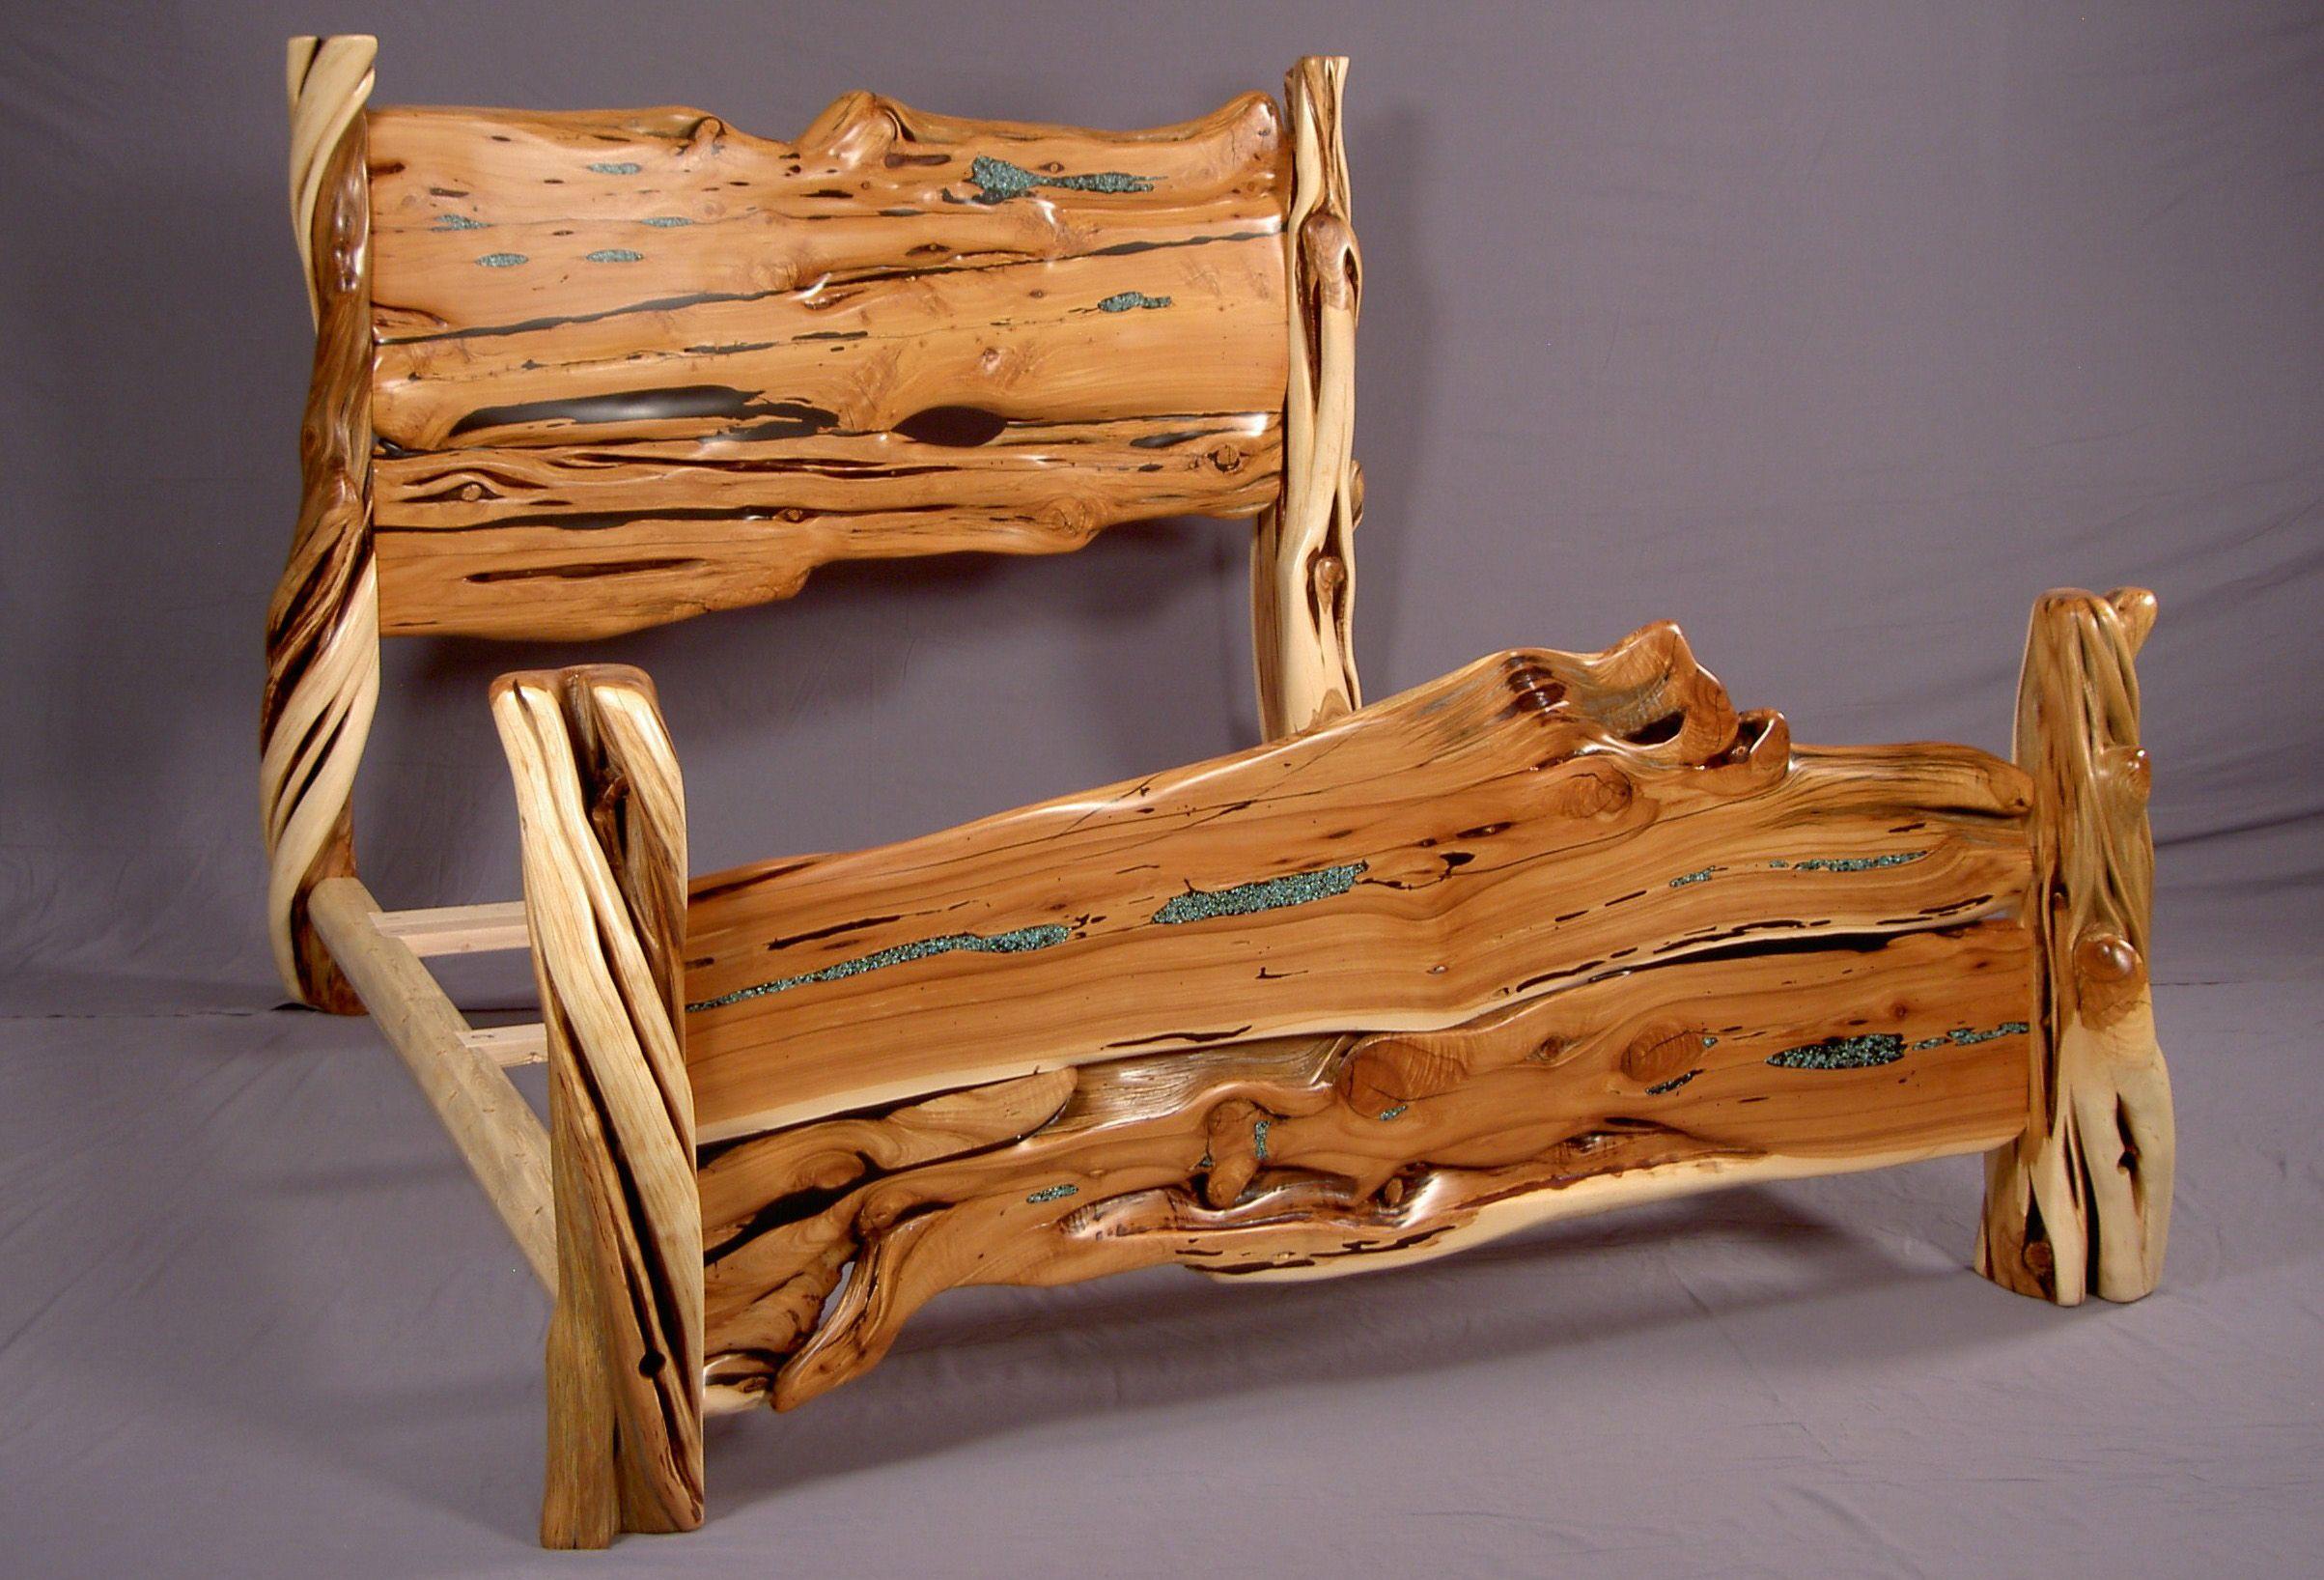 что мебель из дерева фото картинки герой оказывается